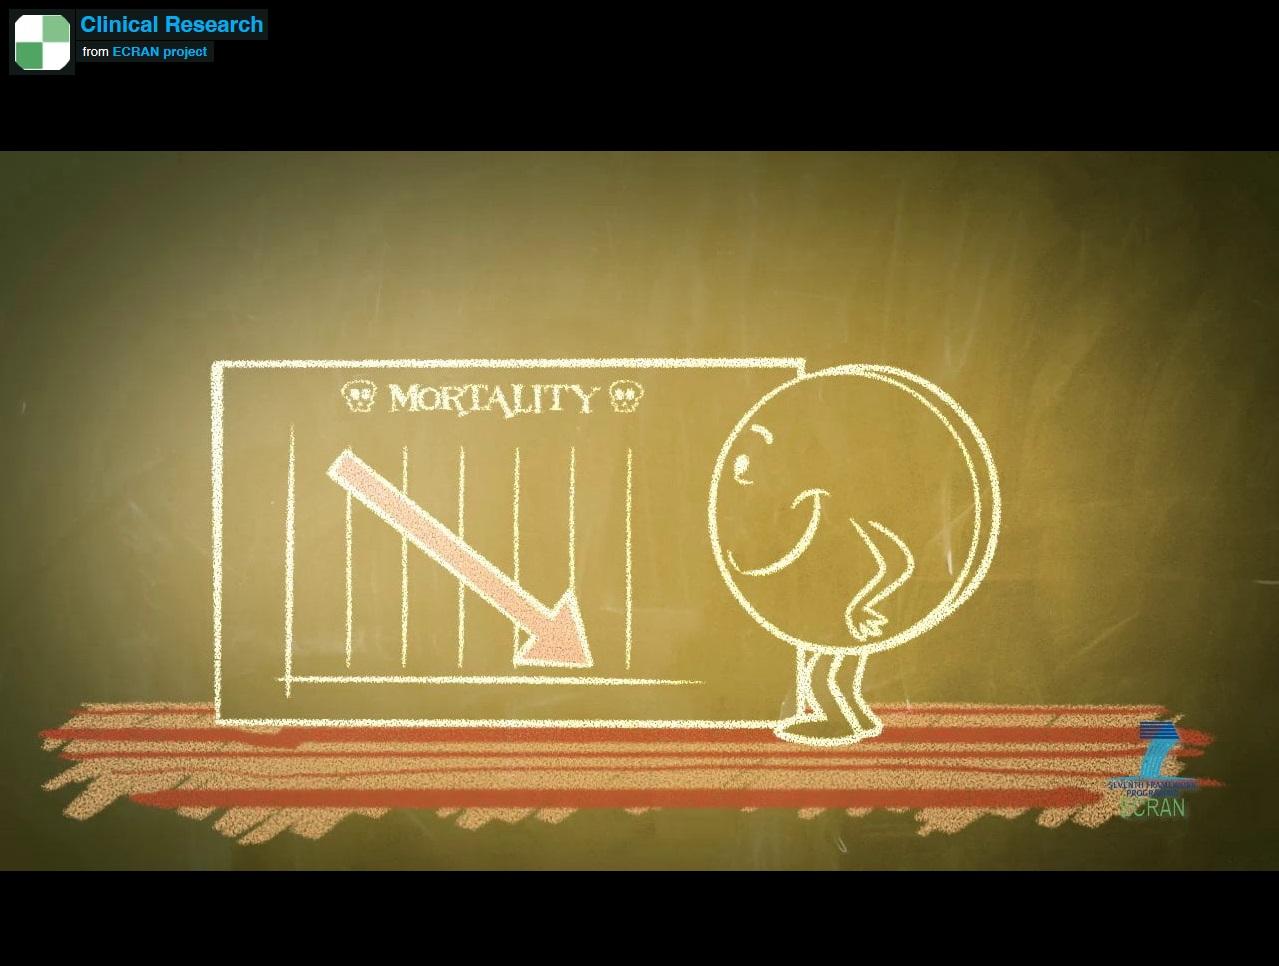 Video: Cartoon about clinical studies, © ecranproject.eu